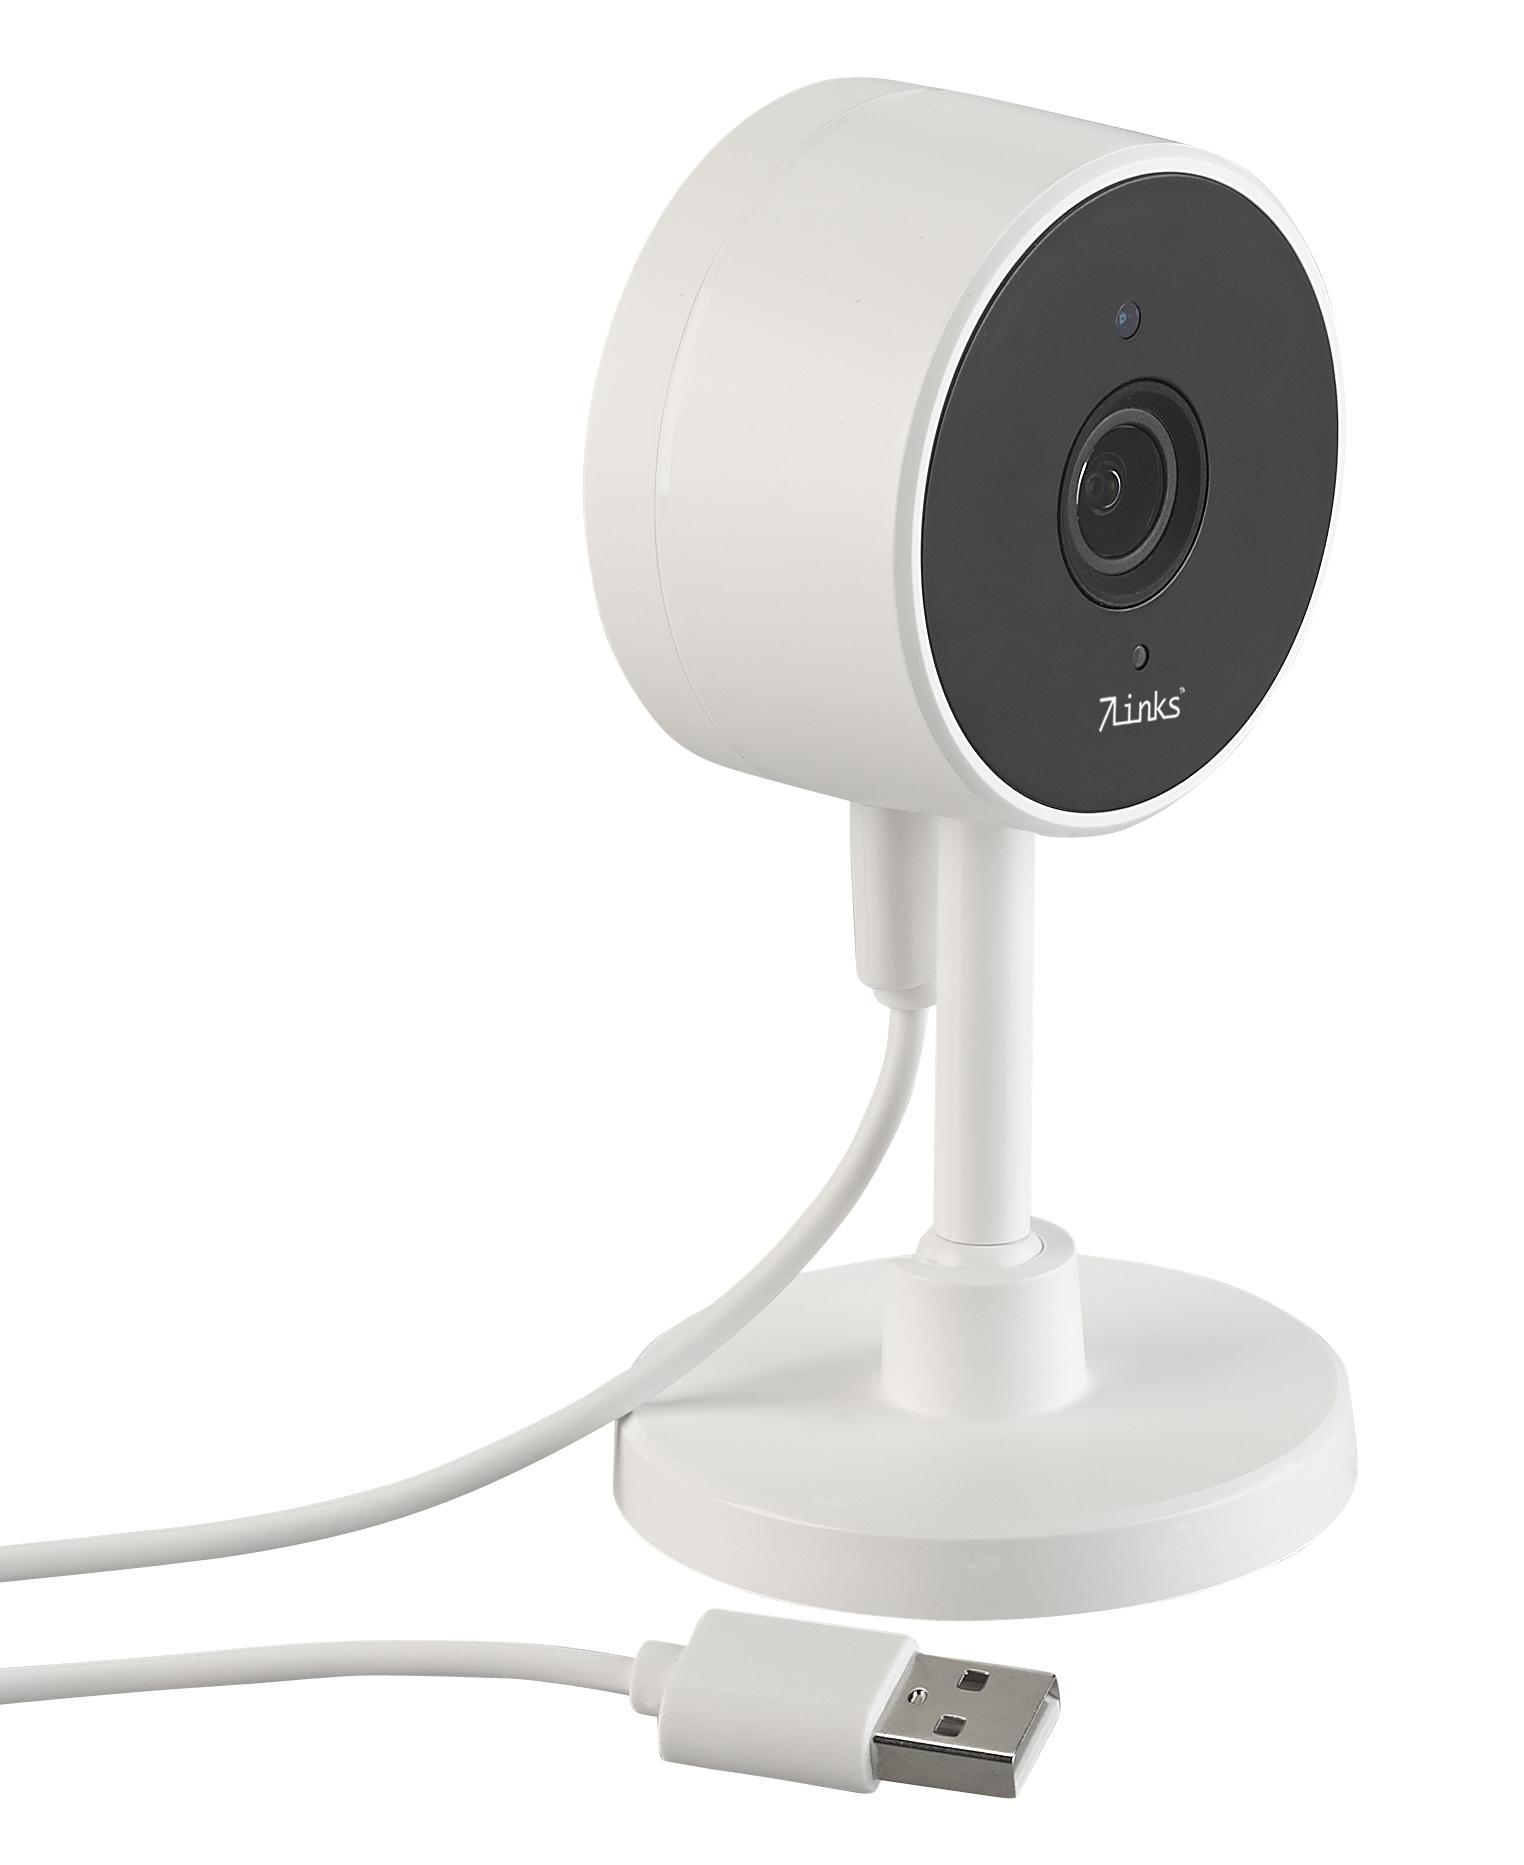 7links Full-HD-IP-Kamera IPC-295.fhd mit PIR-Sensor